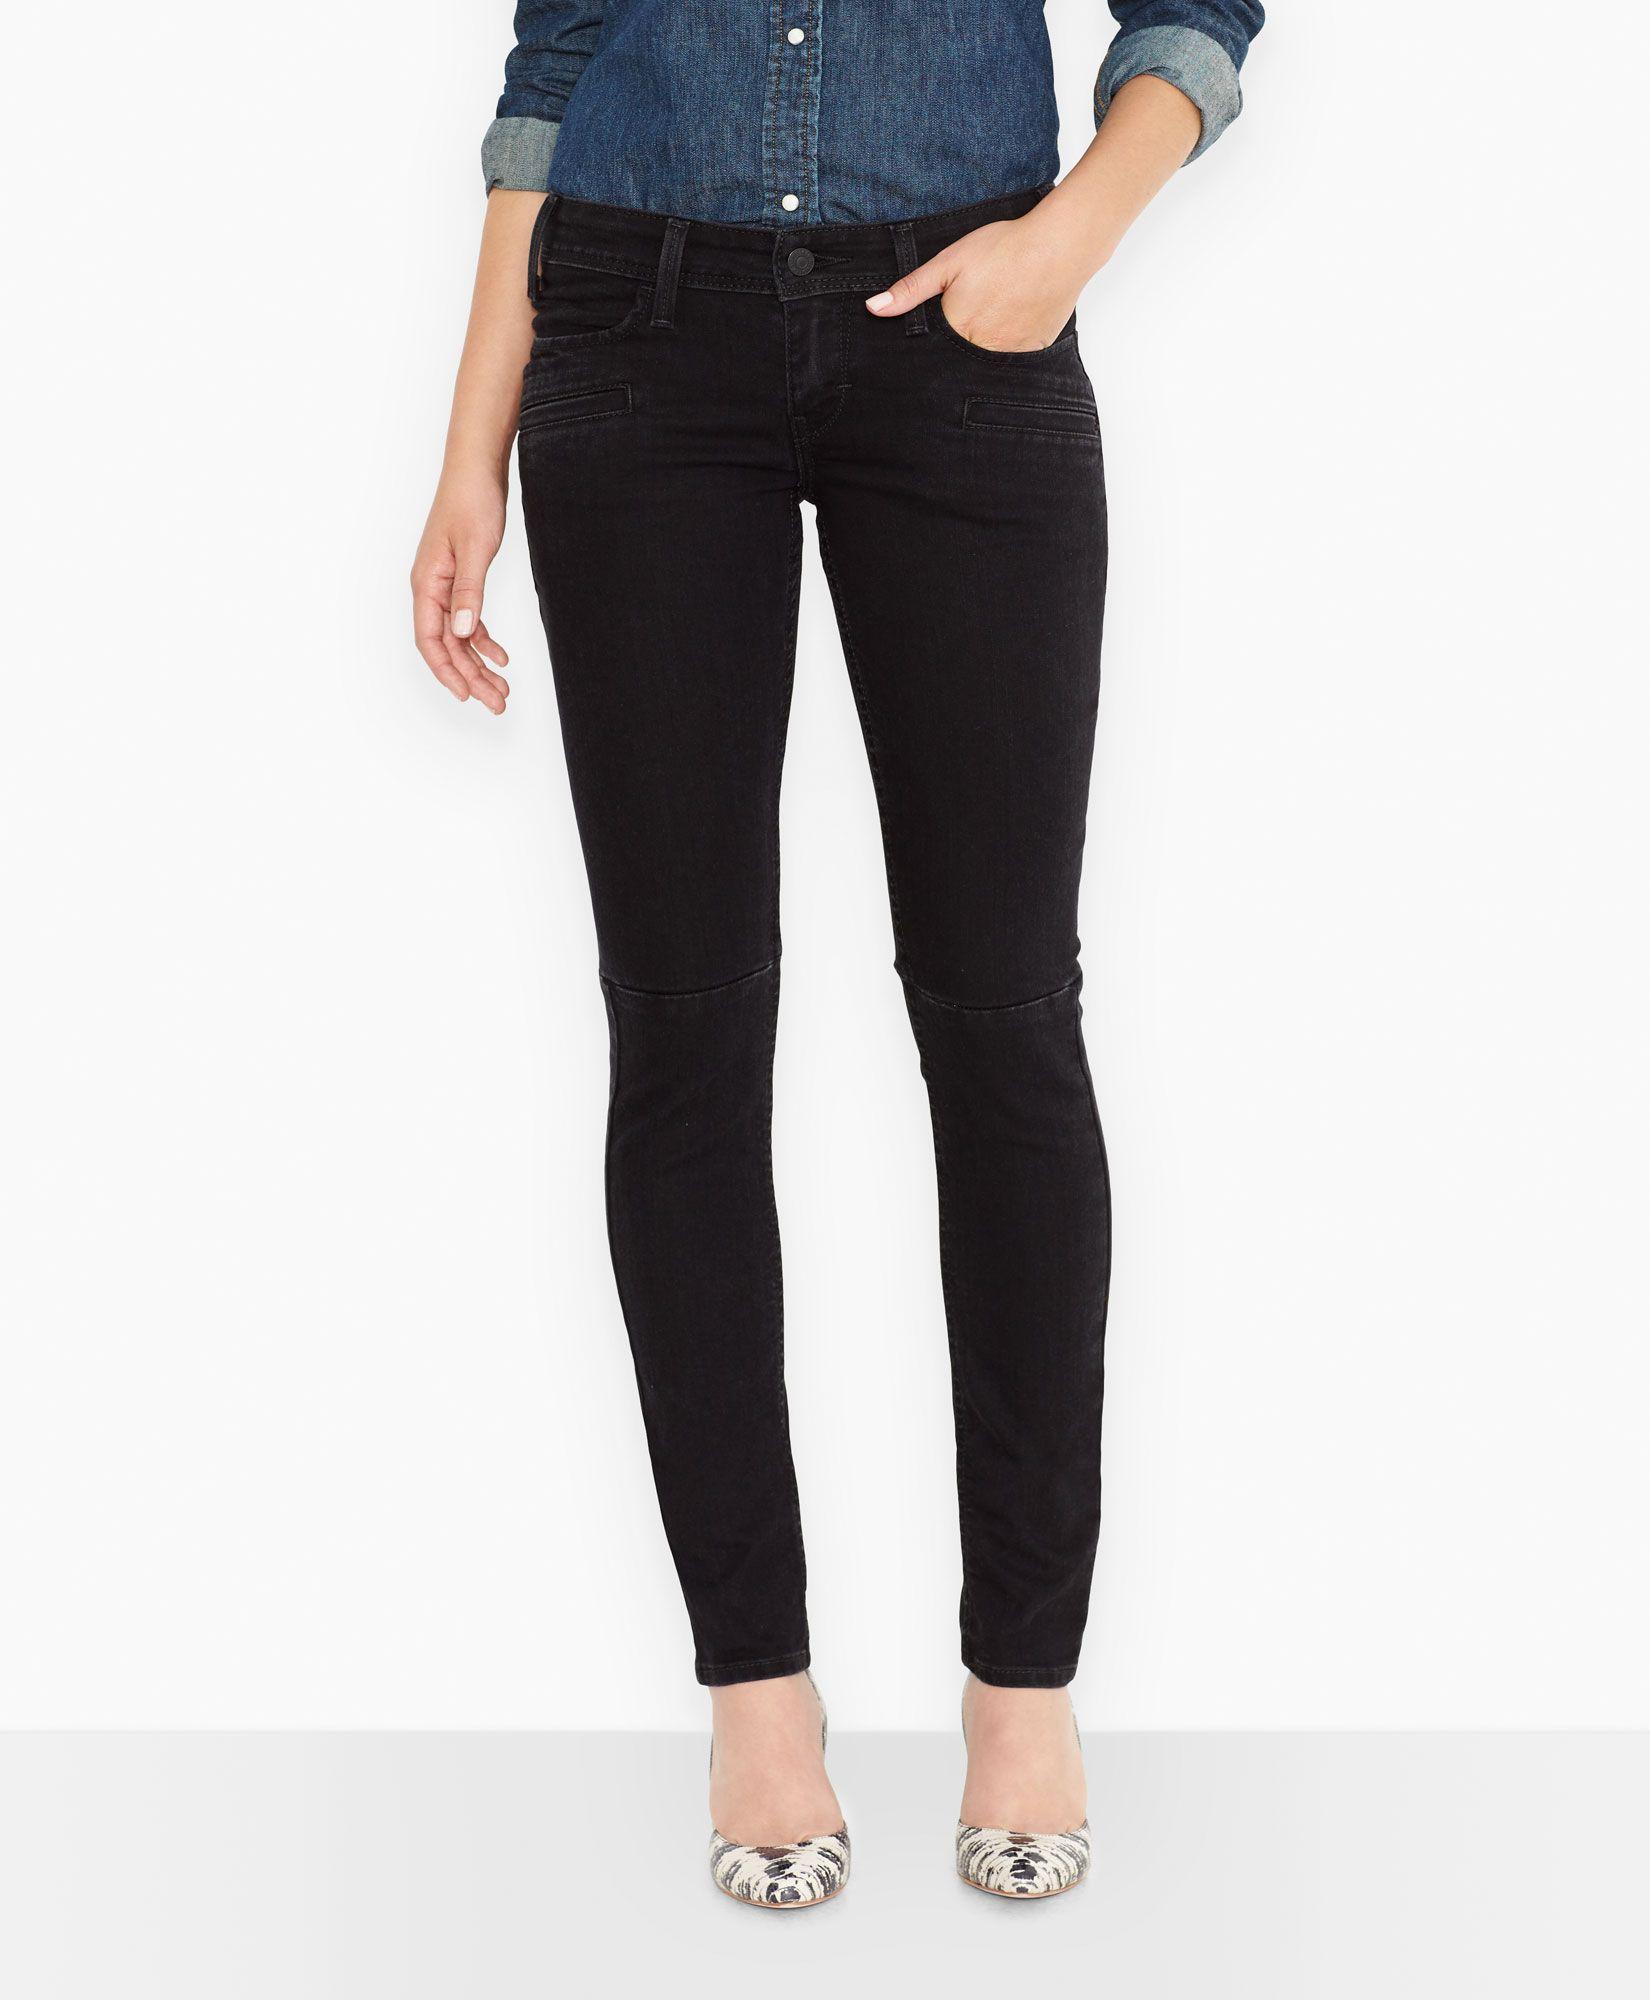 Levi's 524™ Moto Skinny Jeans - Kara Black - Skinny